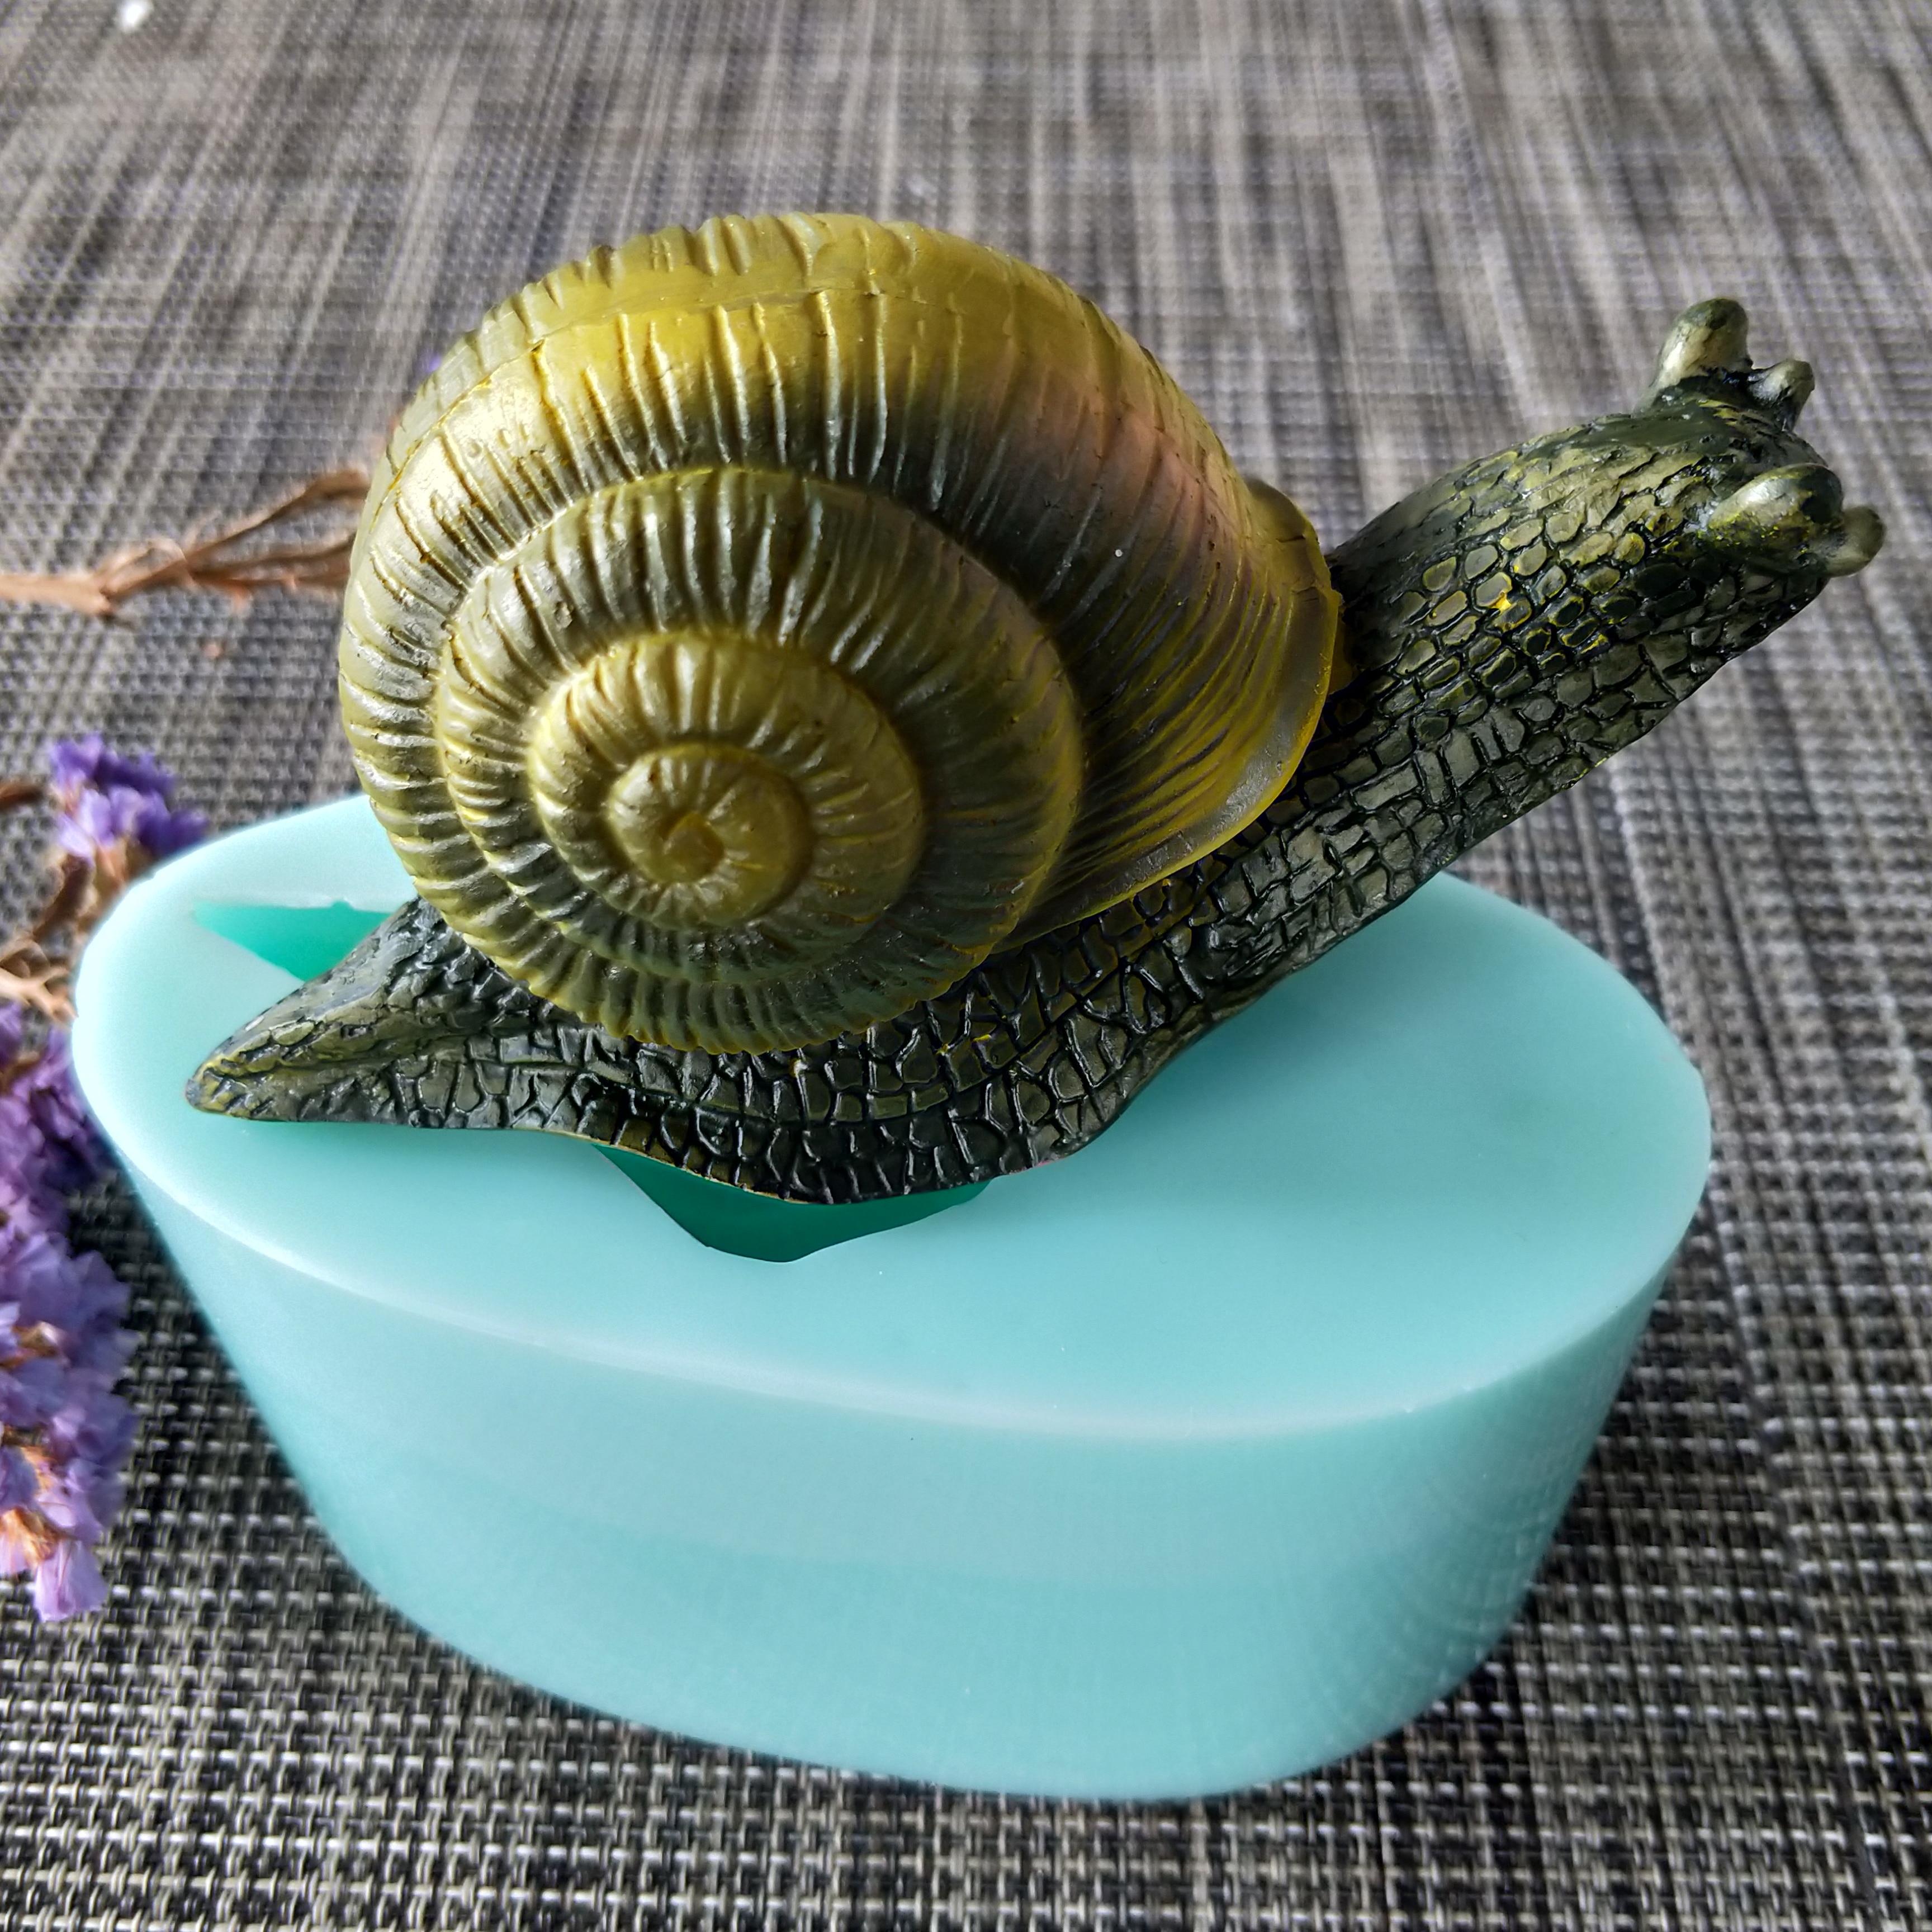 Animales caracoles silicona molde jabón hecho a mano con molde hacer moldes vela silicona molde resina arcilla molde DW0141 PRZY 3D